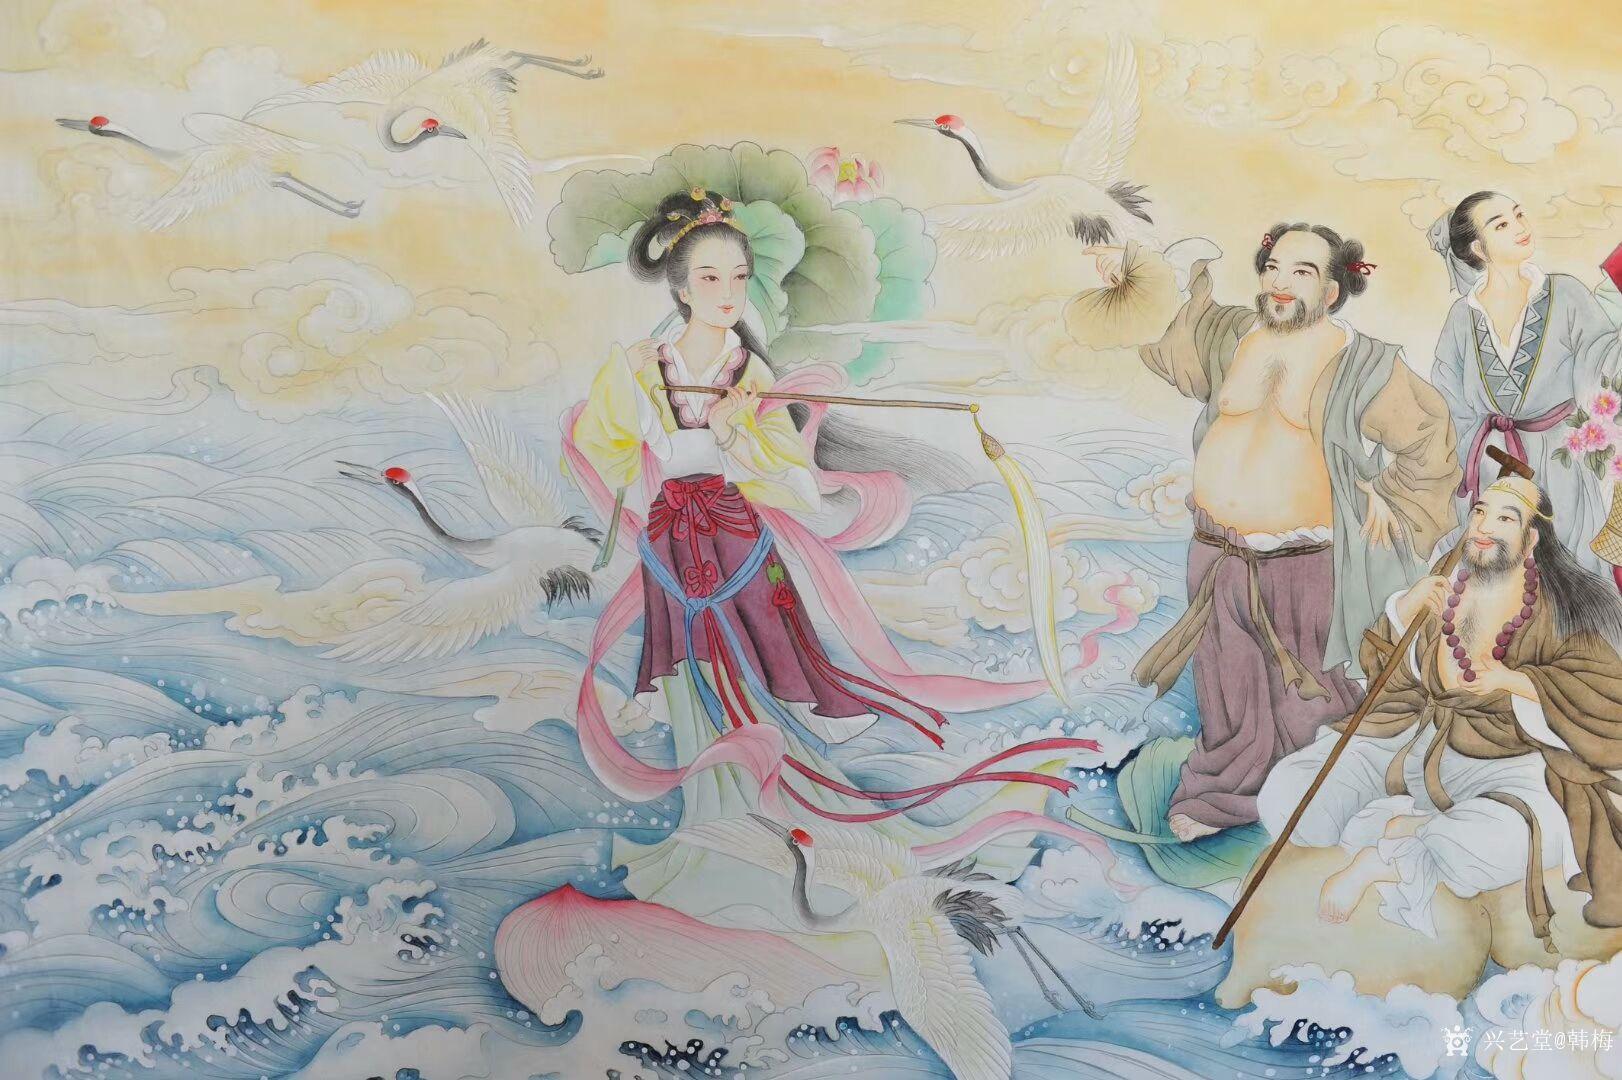 新作工笔人物画《八仙过海》,尺寸98x180cm,请欣赏,手工绘制,欢迎订制